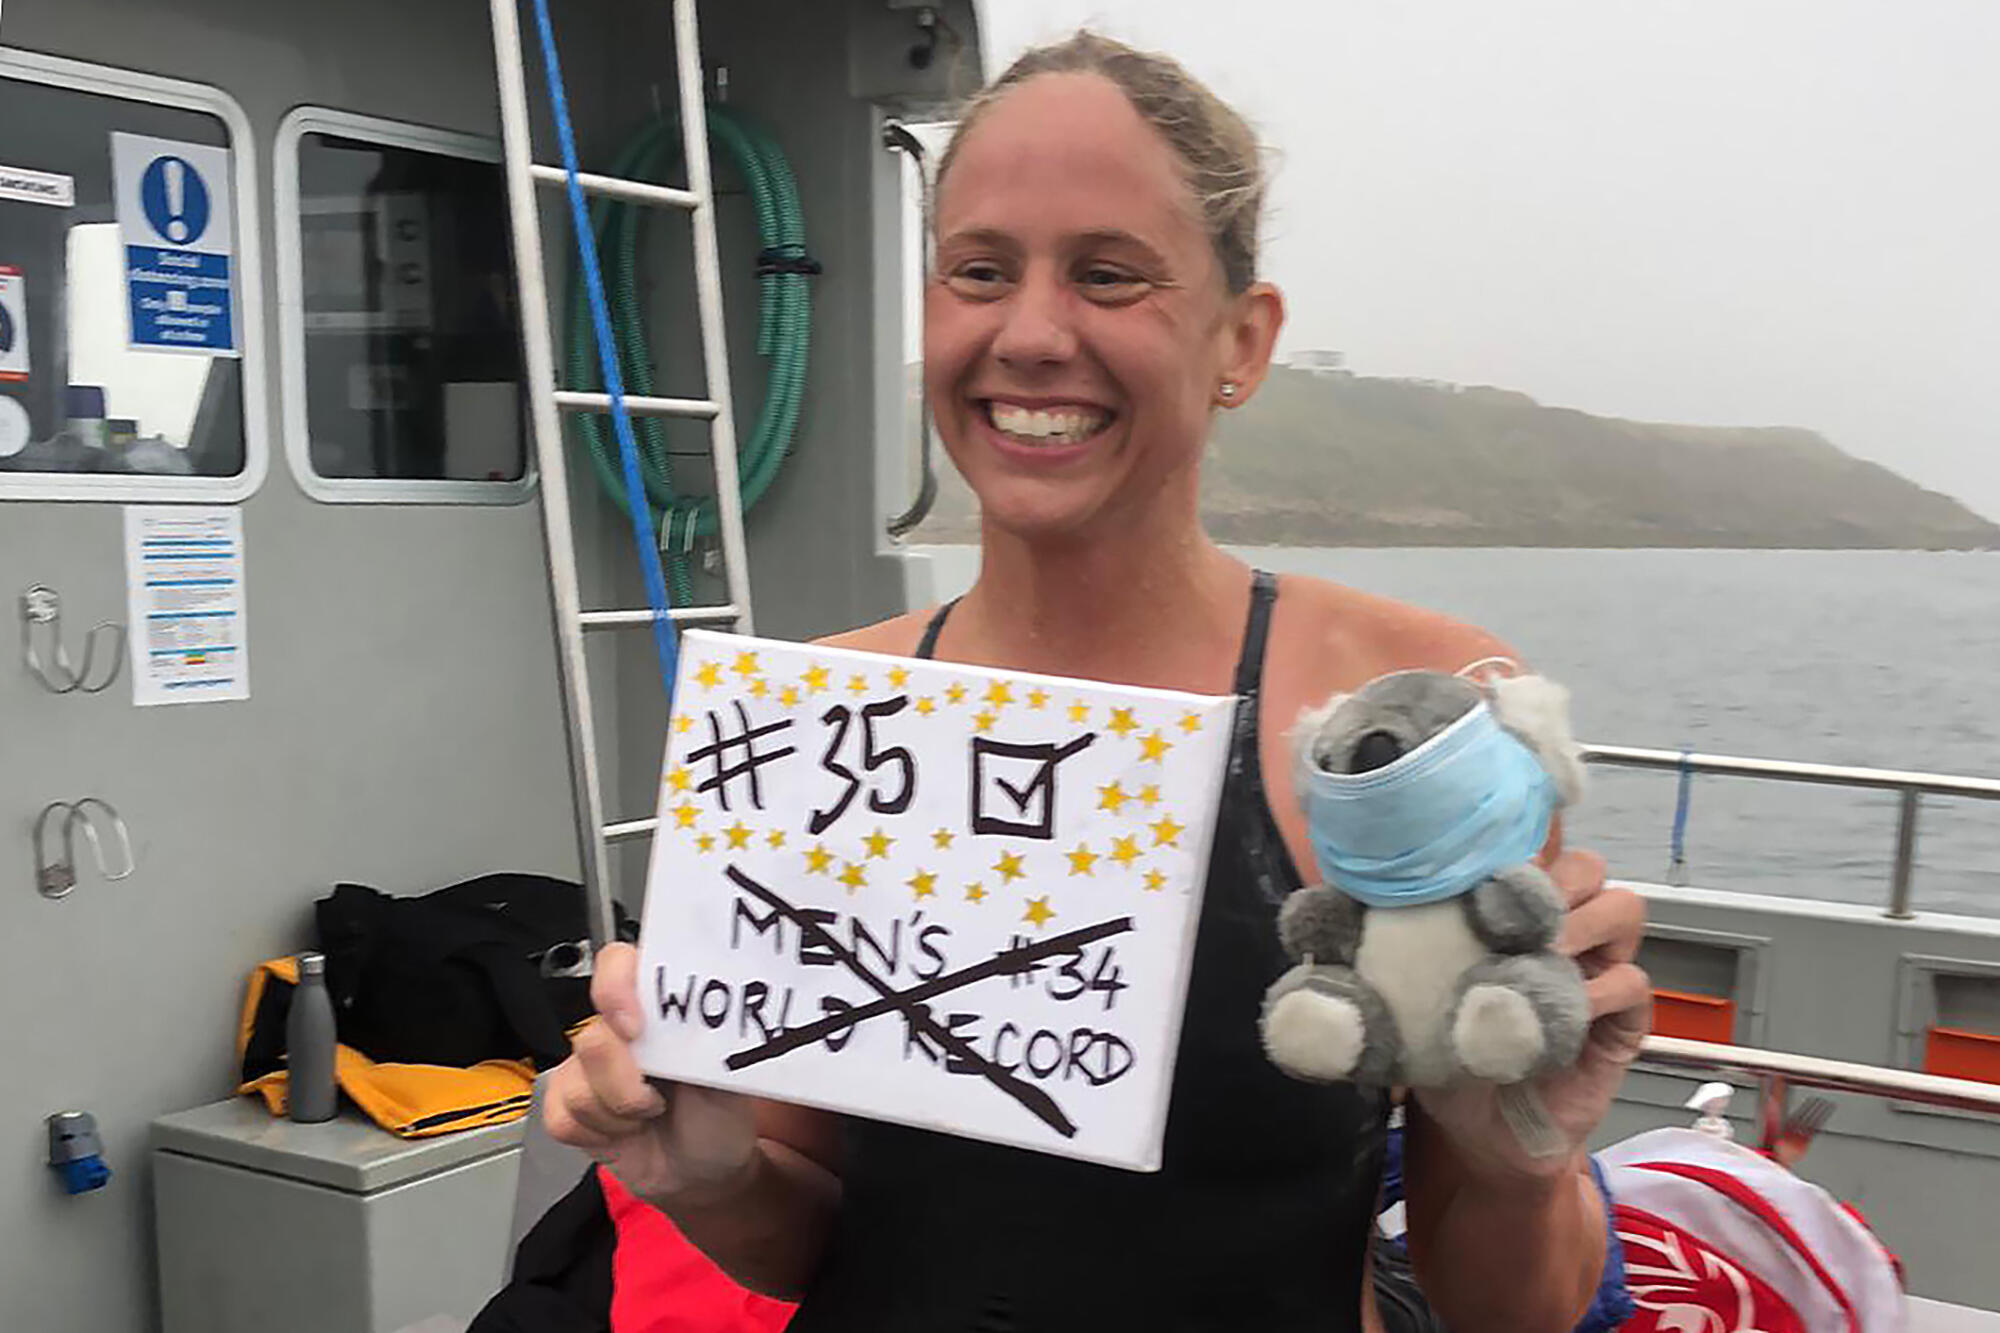 La nadadora australiana Chloe McCardel celebra a bordo de su barco de apoyo, el éxito de su 35ª travesía del Canal de la Mancha, el 16 de agosto de 2020 frente a la costa de Calais, al noreste de Francia